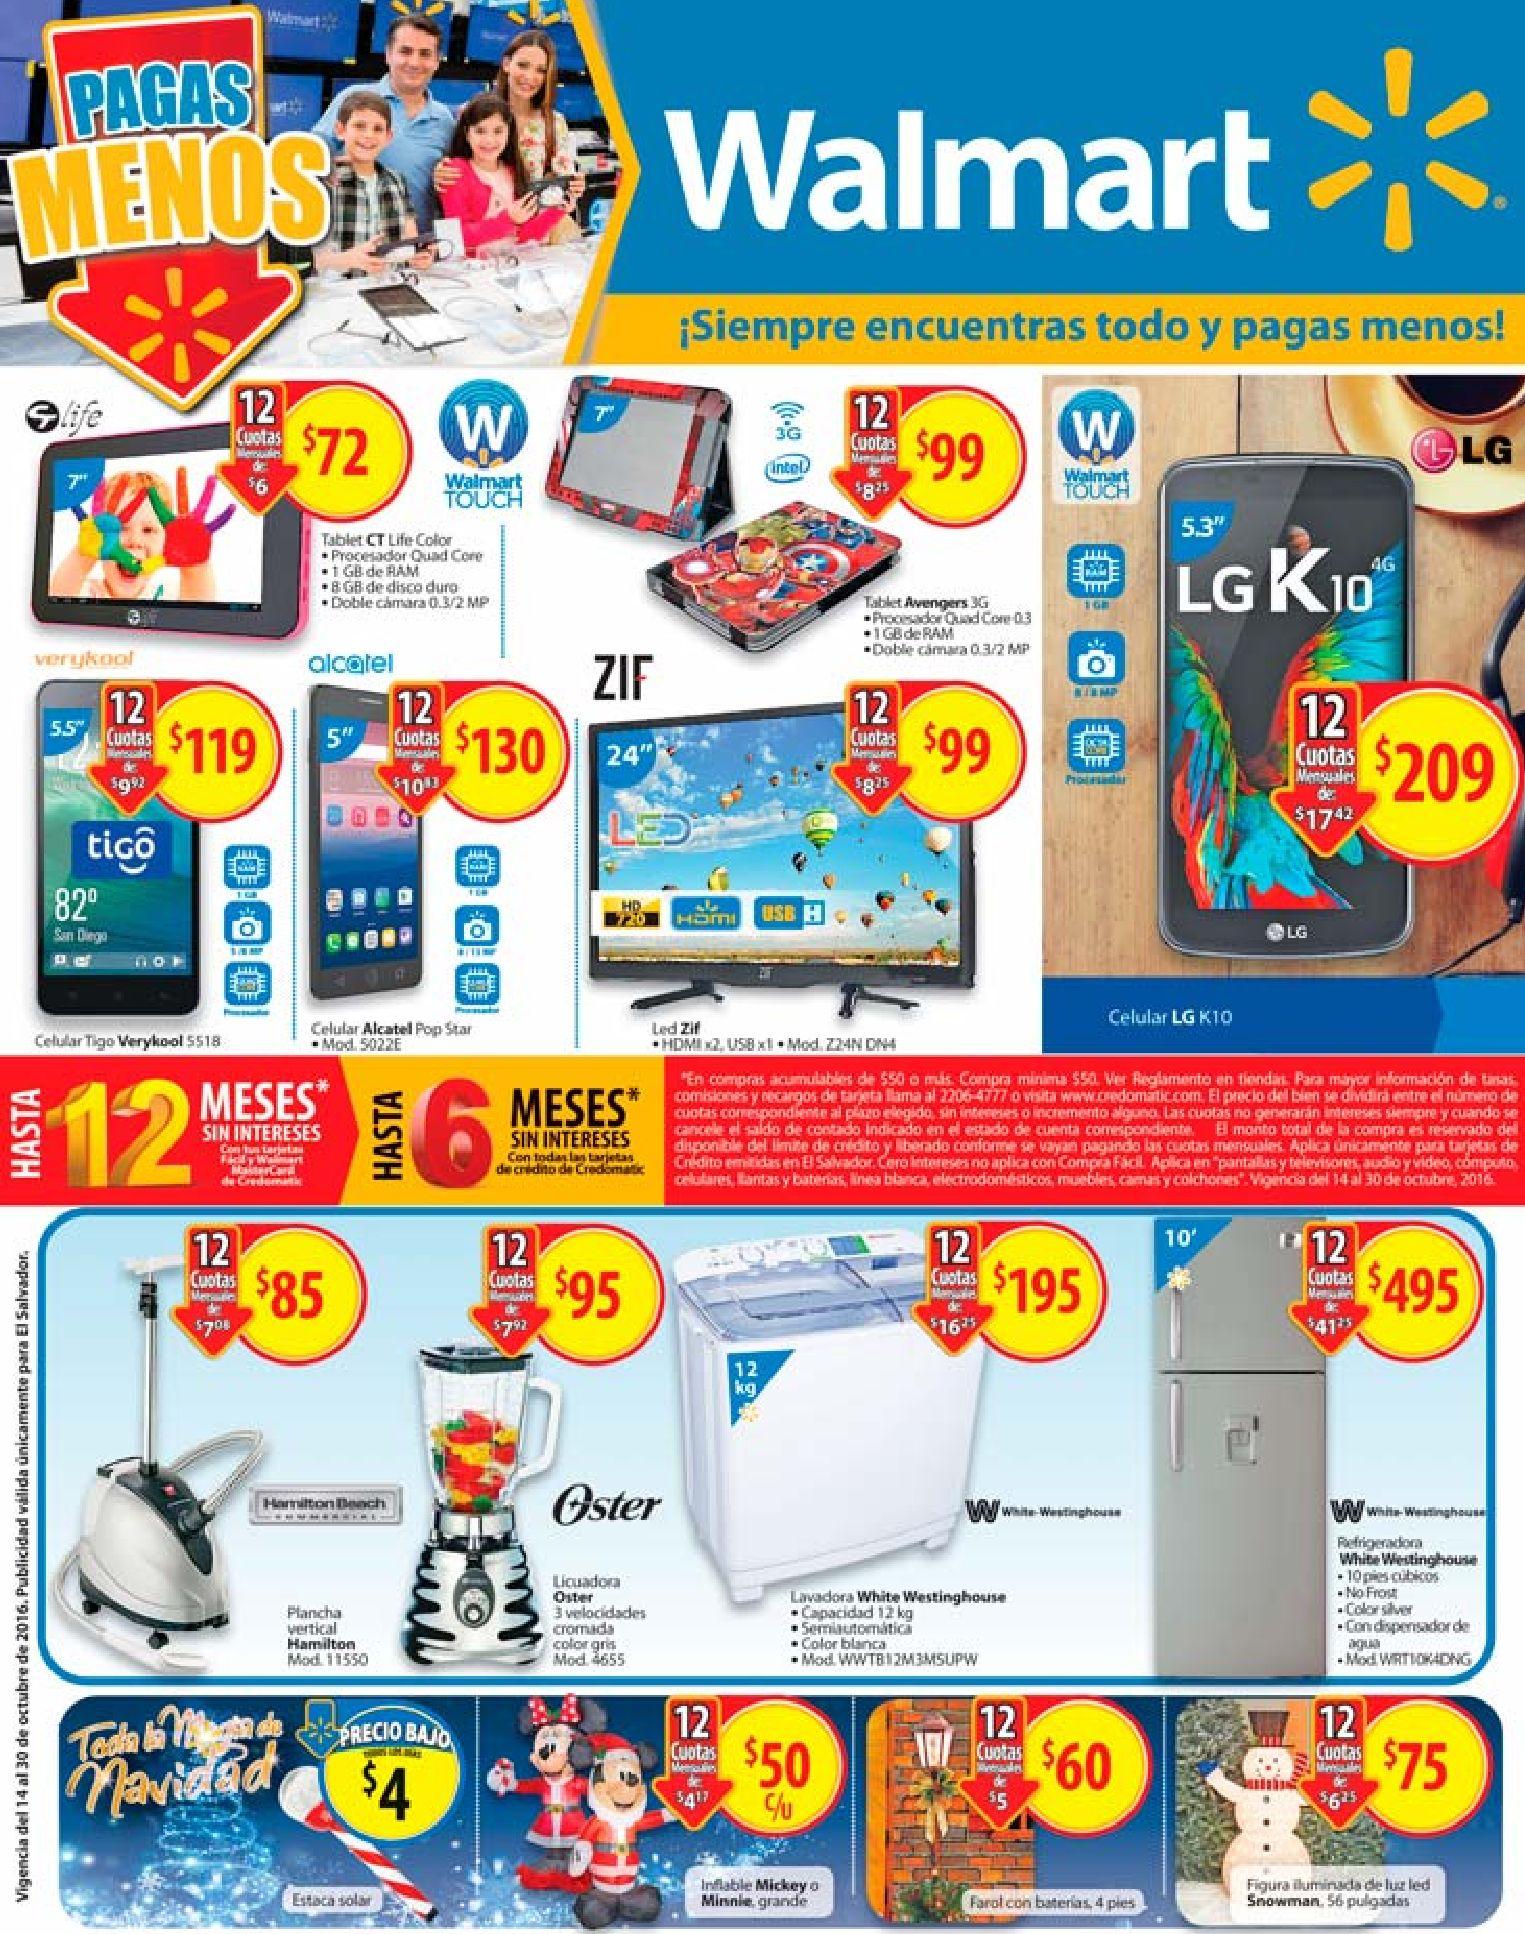 electrodomesticos-baratos-y-nuevos-productos-en-walmart-el-salvador